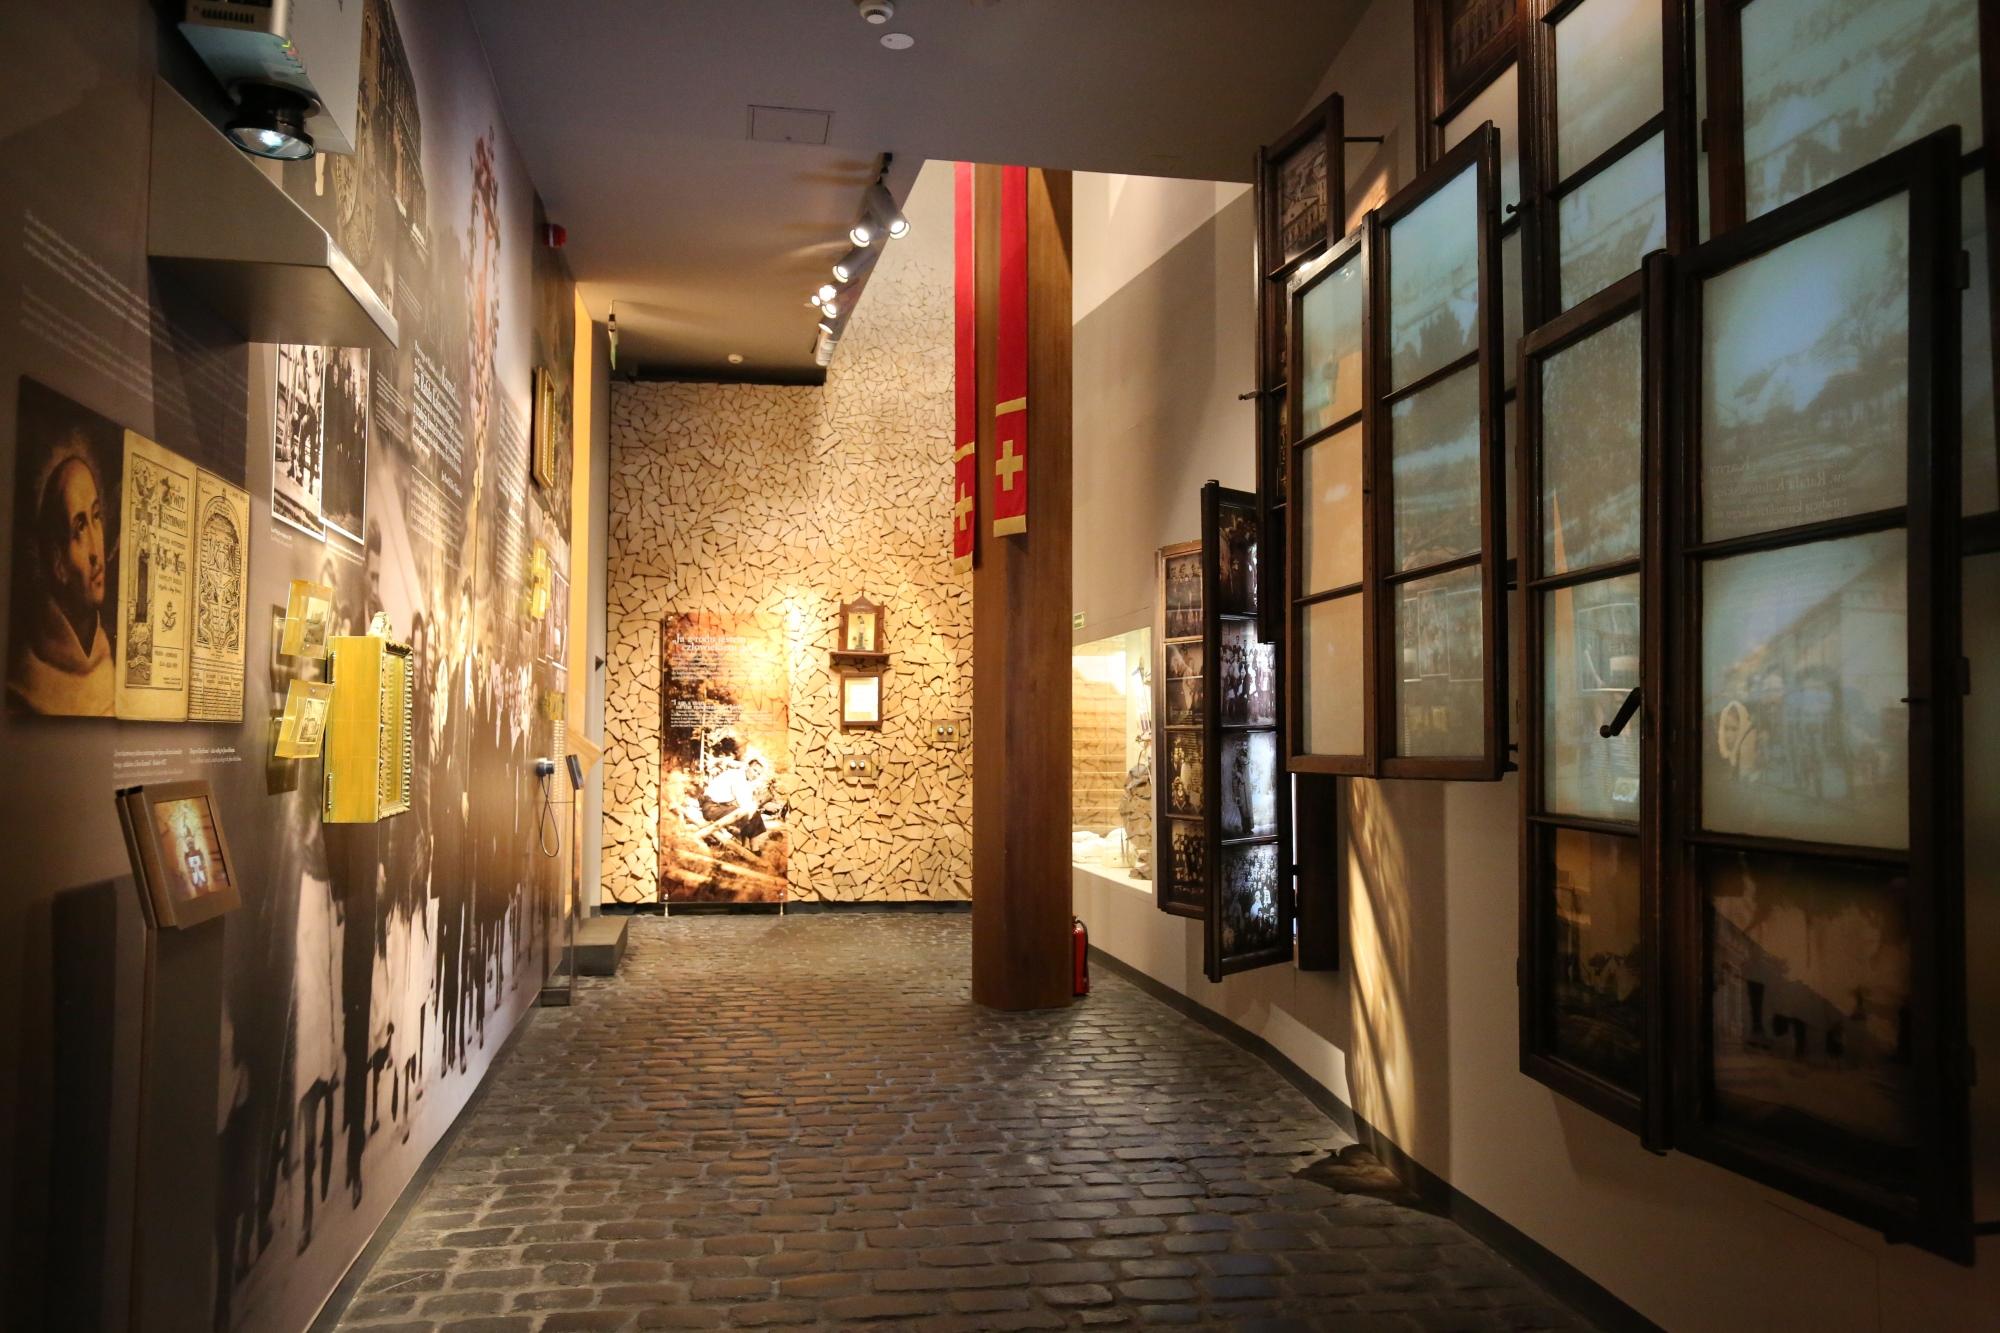 zdjęcie wnętrza muzeum